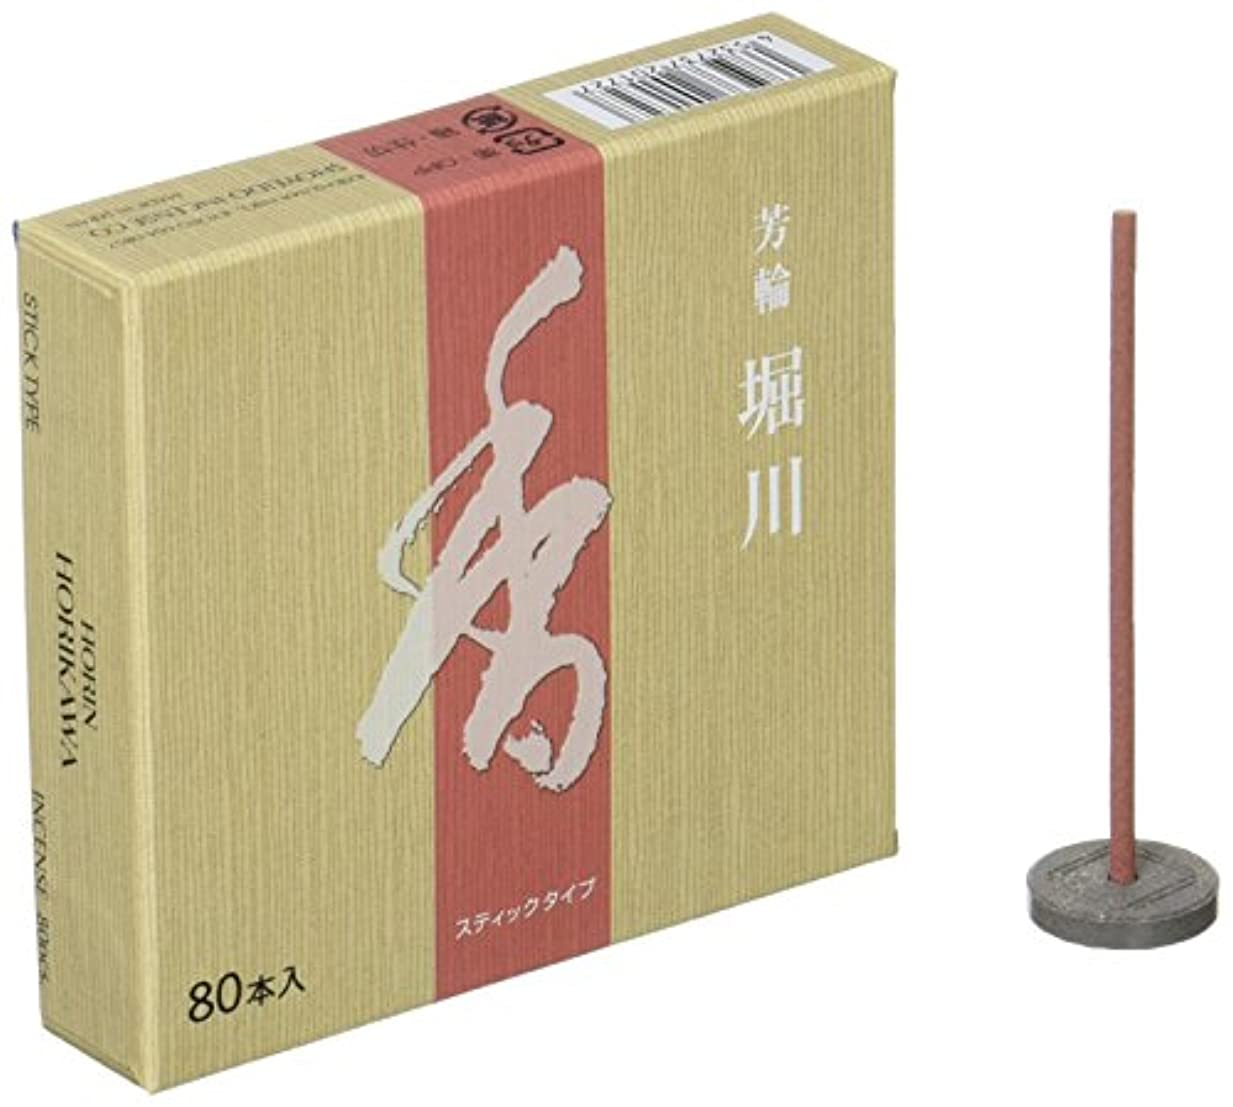 忠実な石の一貫性のない松栄堂 芳輪 堀川 スティック型 80本入